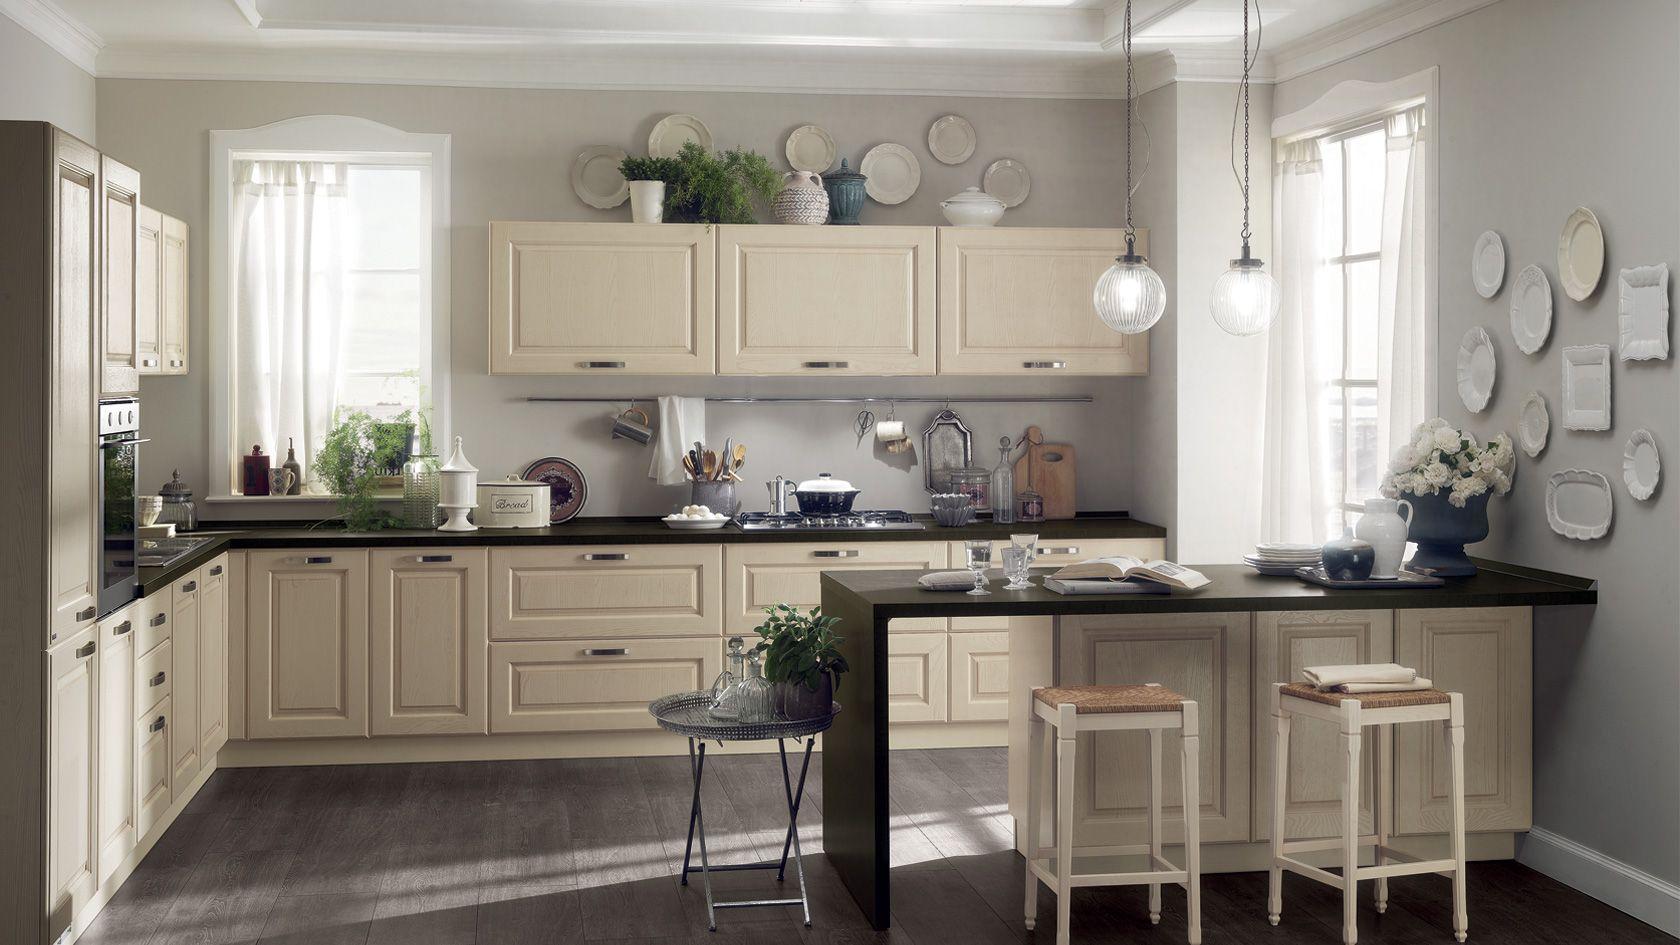 Cucina in legno Madeleine | Sito ufficiale Scavolini | Home ideas ...